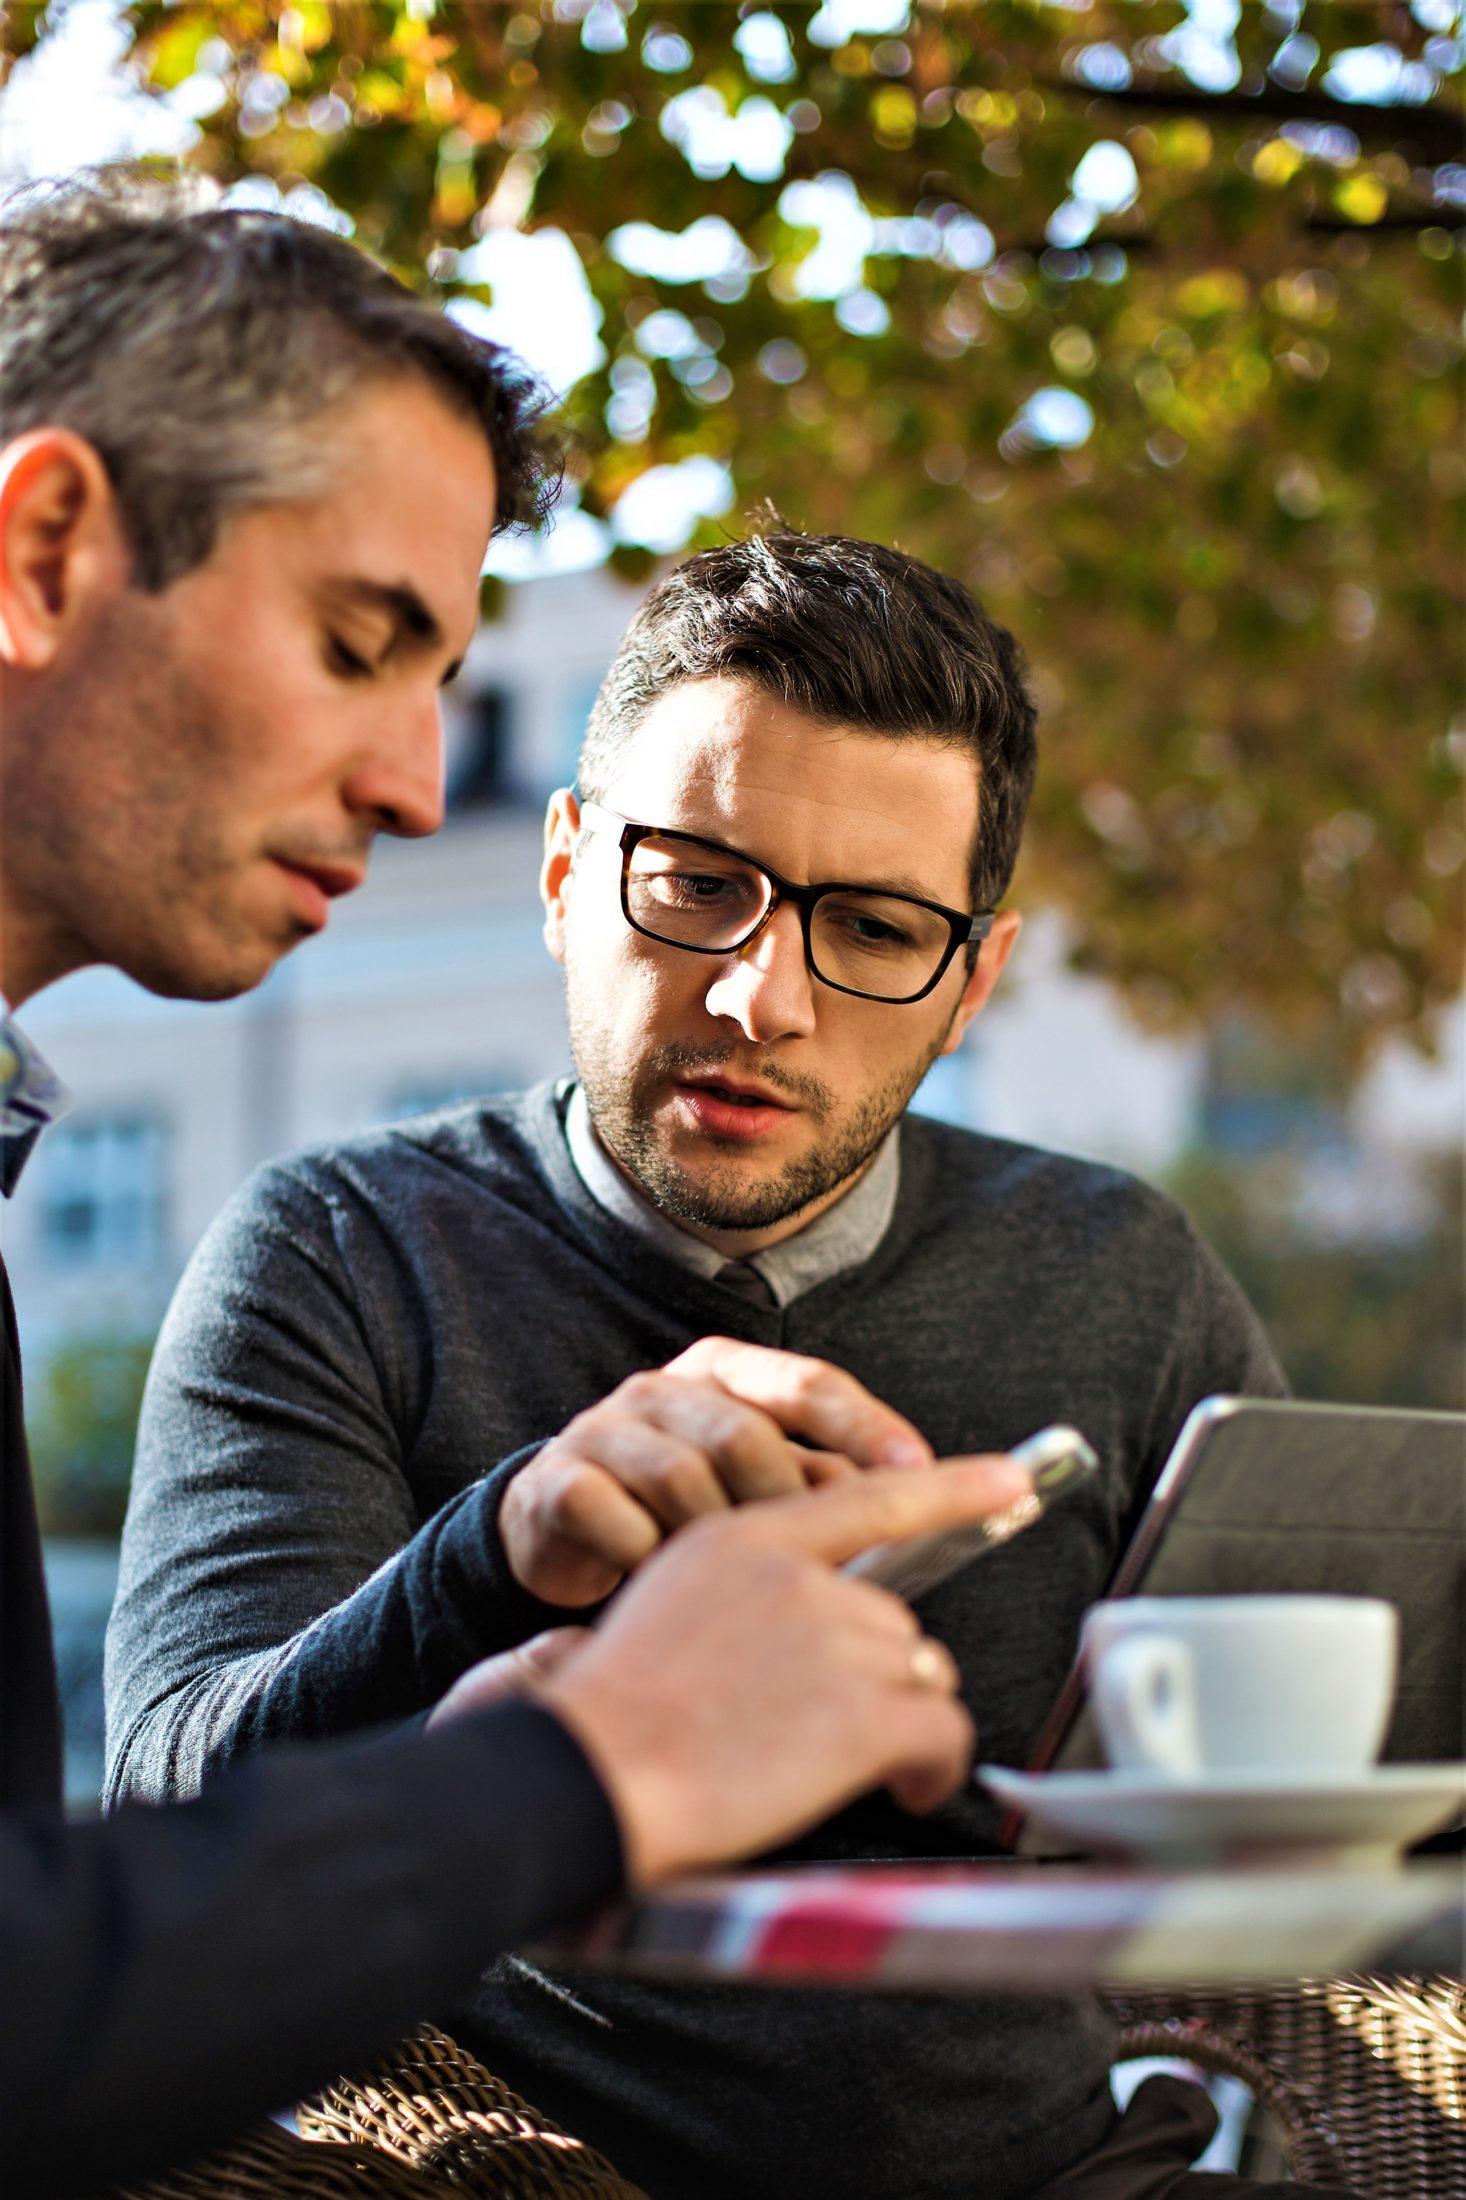 Two Businessmen people having a coffee break